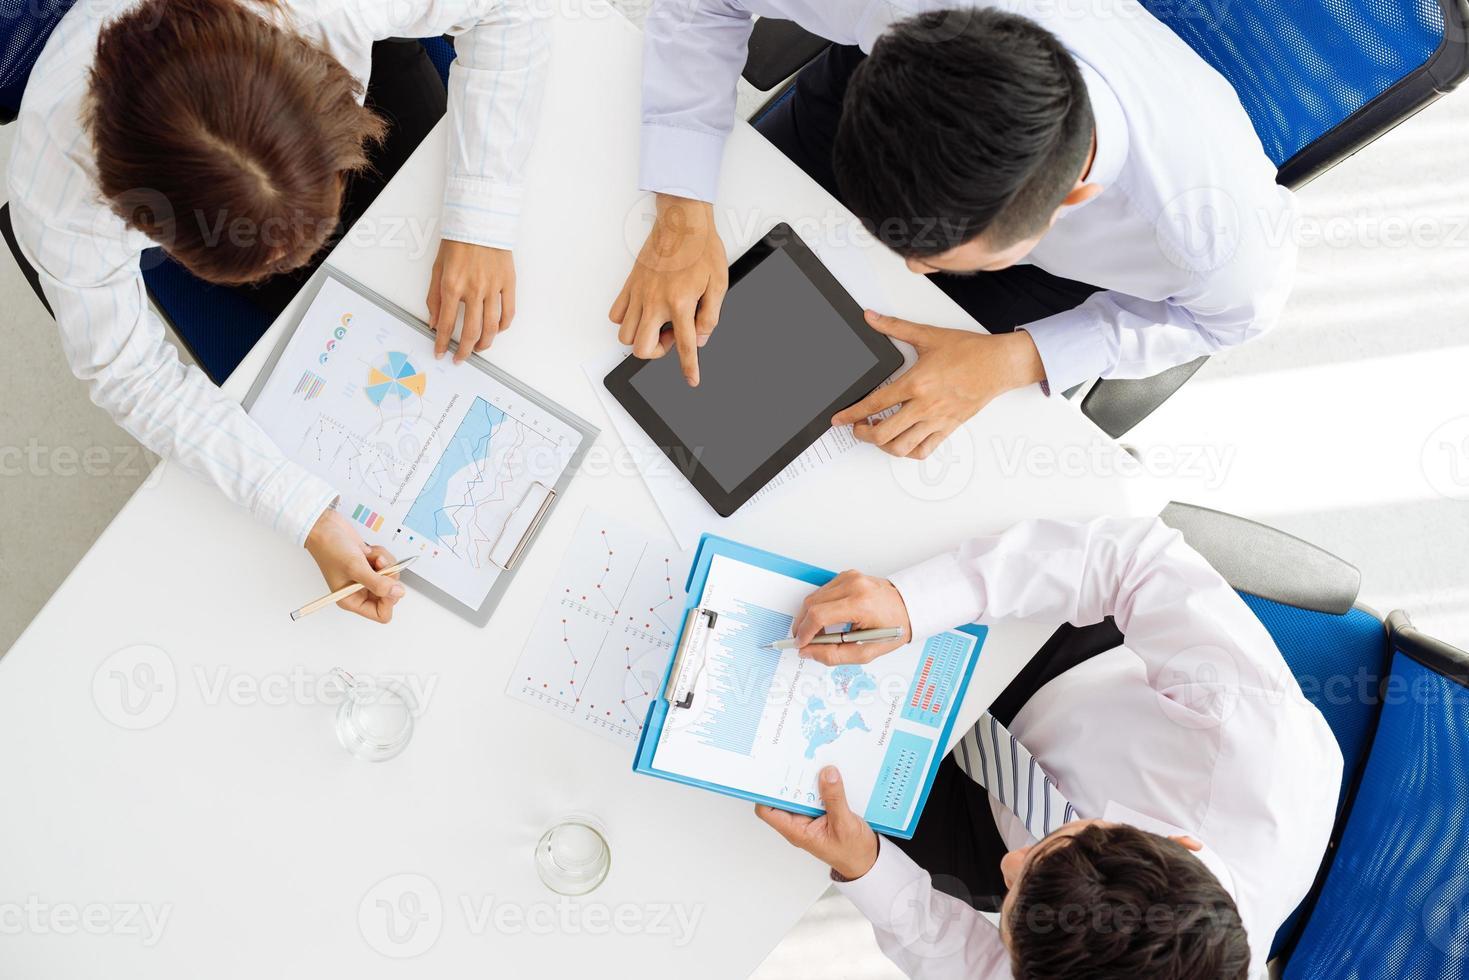 discutindo tabelas e gráficos foto